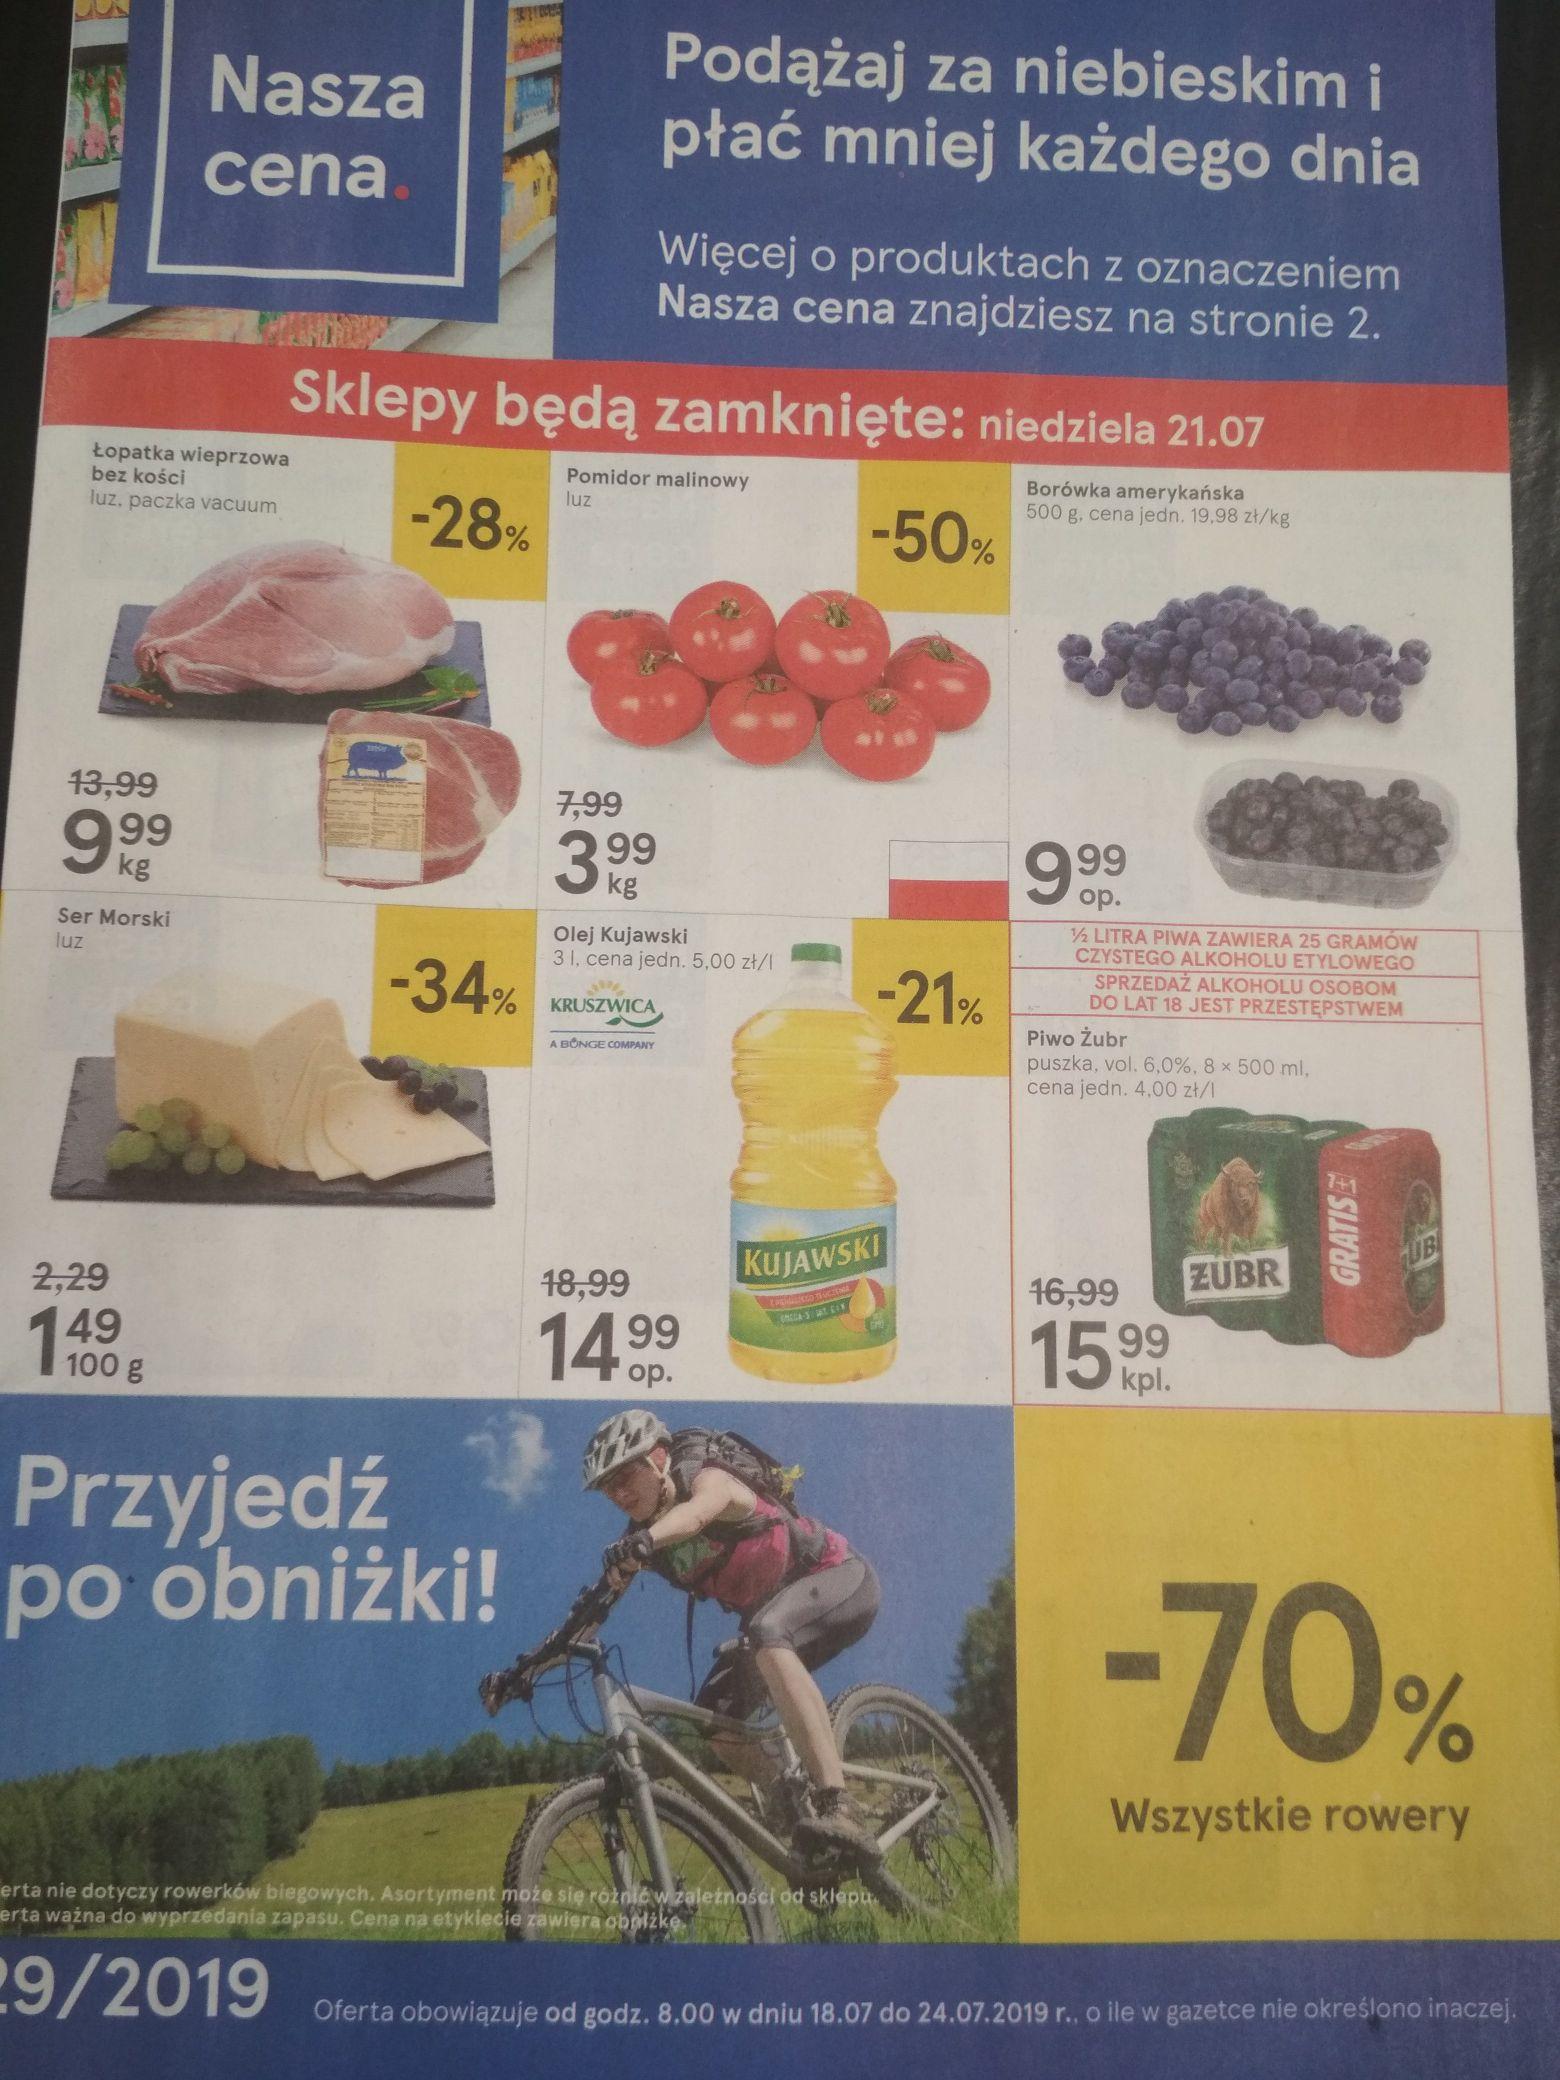 Wszystkie rowery w Tesco -70%